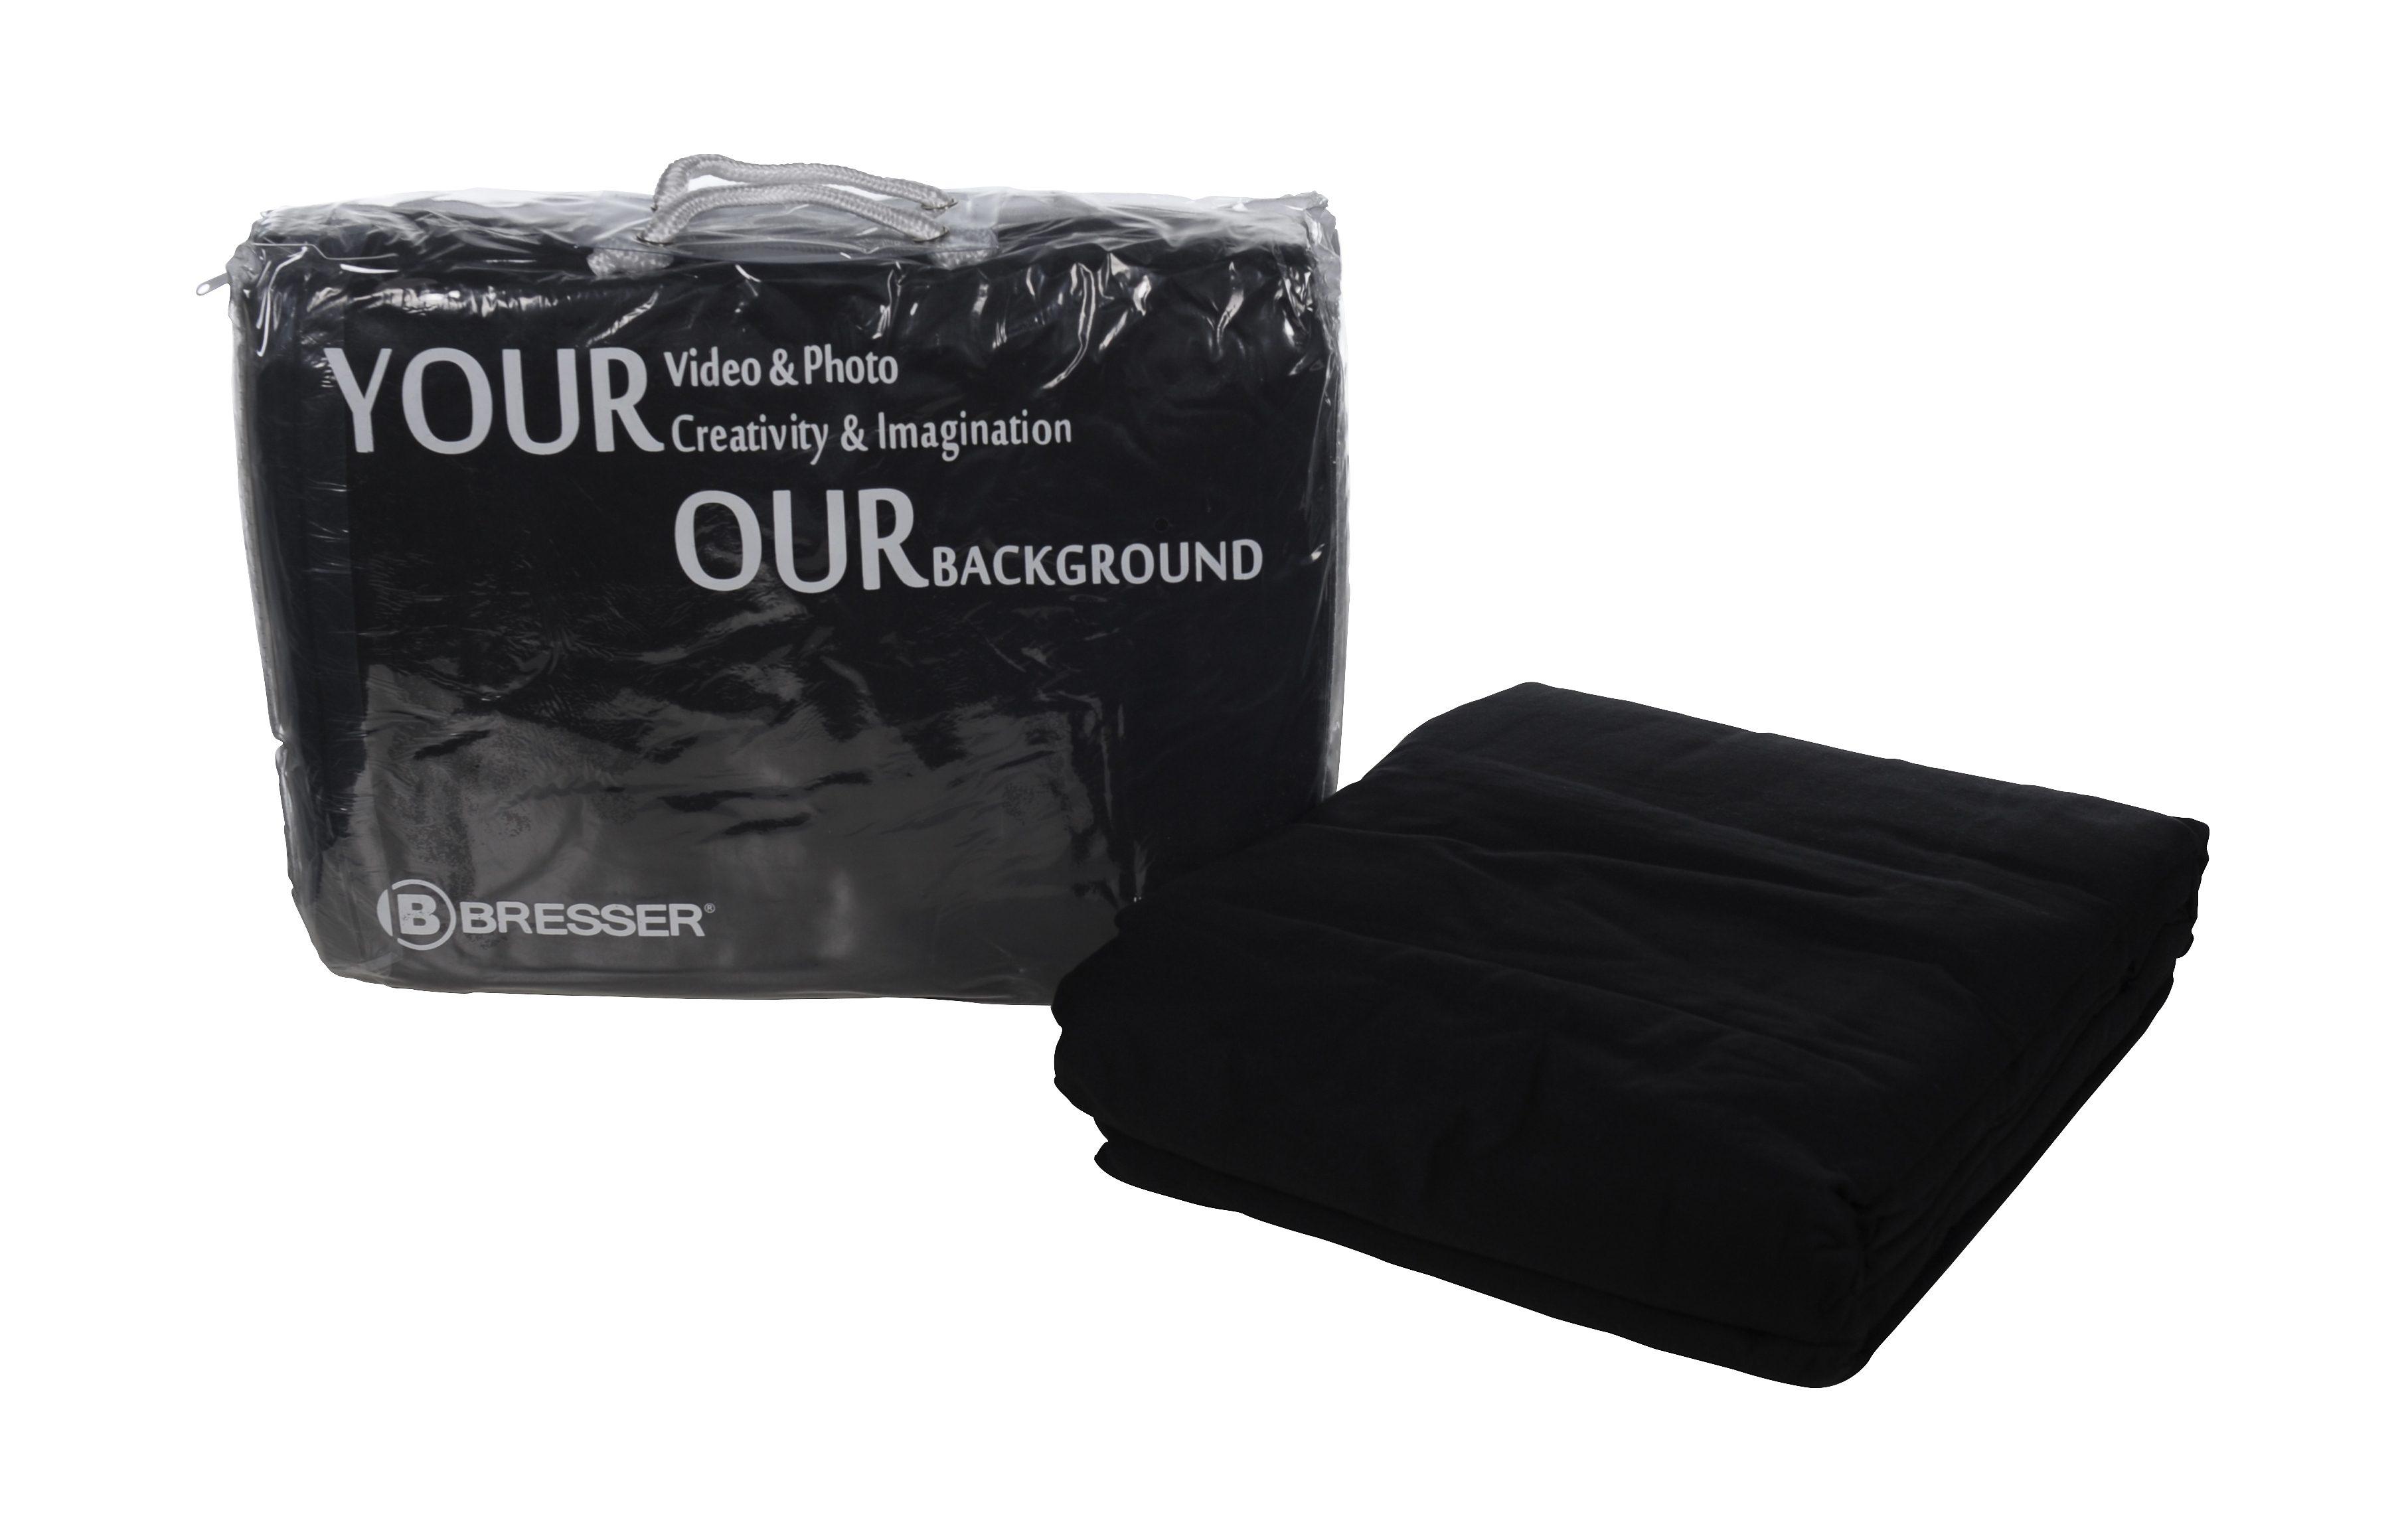 BRESSER Fotostudio »BRESSER Y-9 Hintergrundtuch 2,5x3m schwarz«